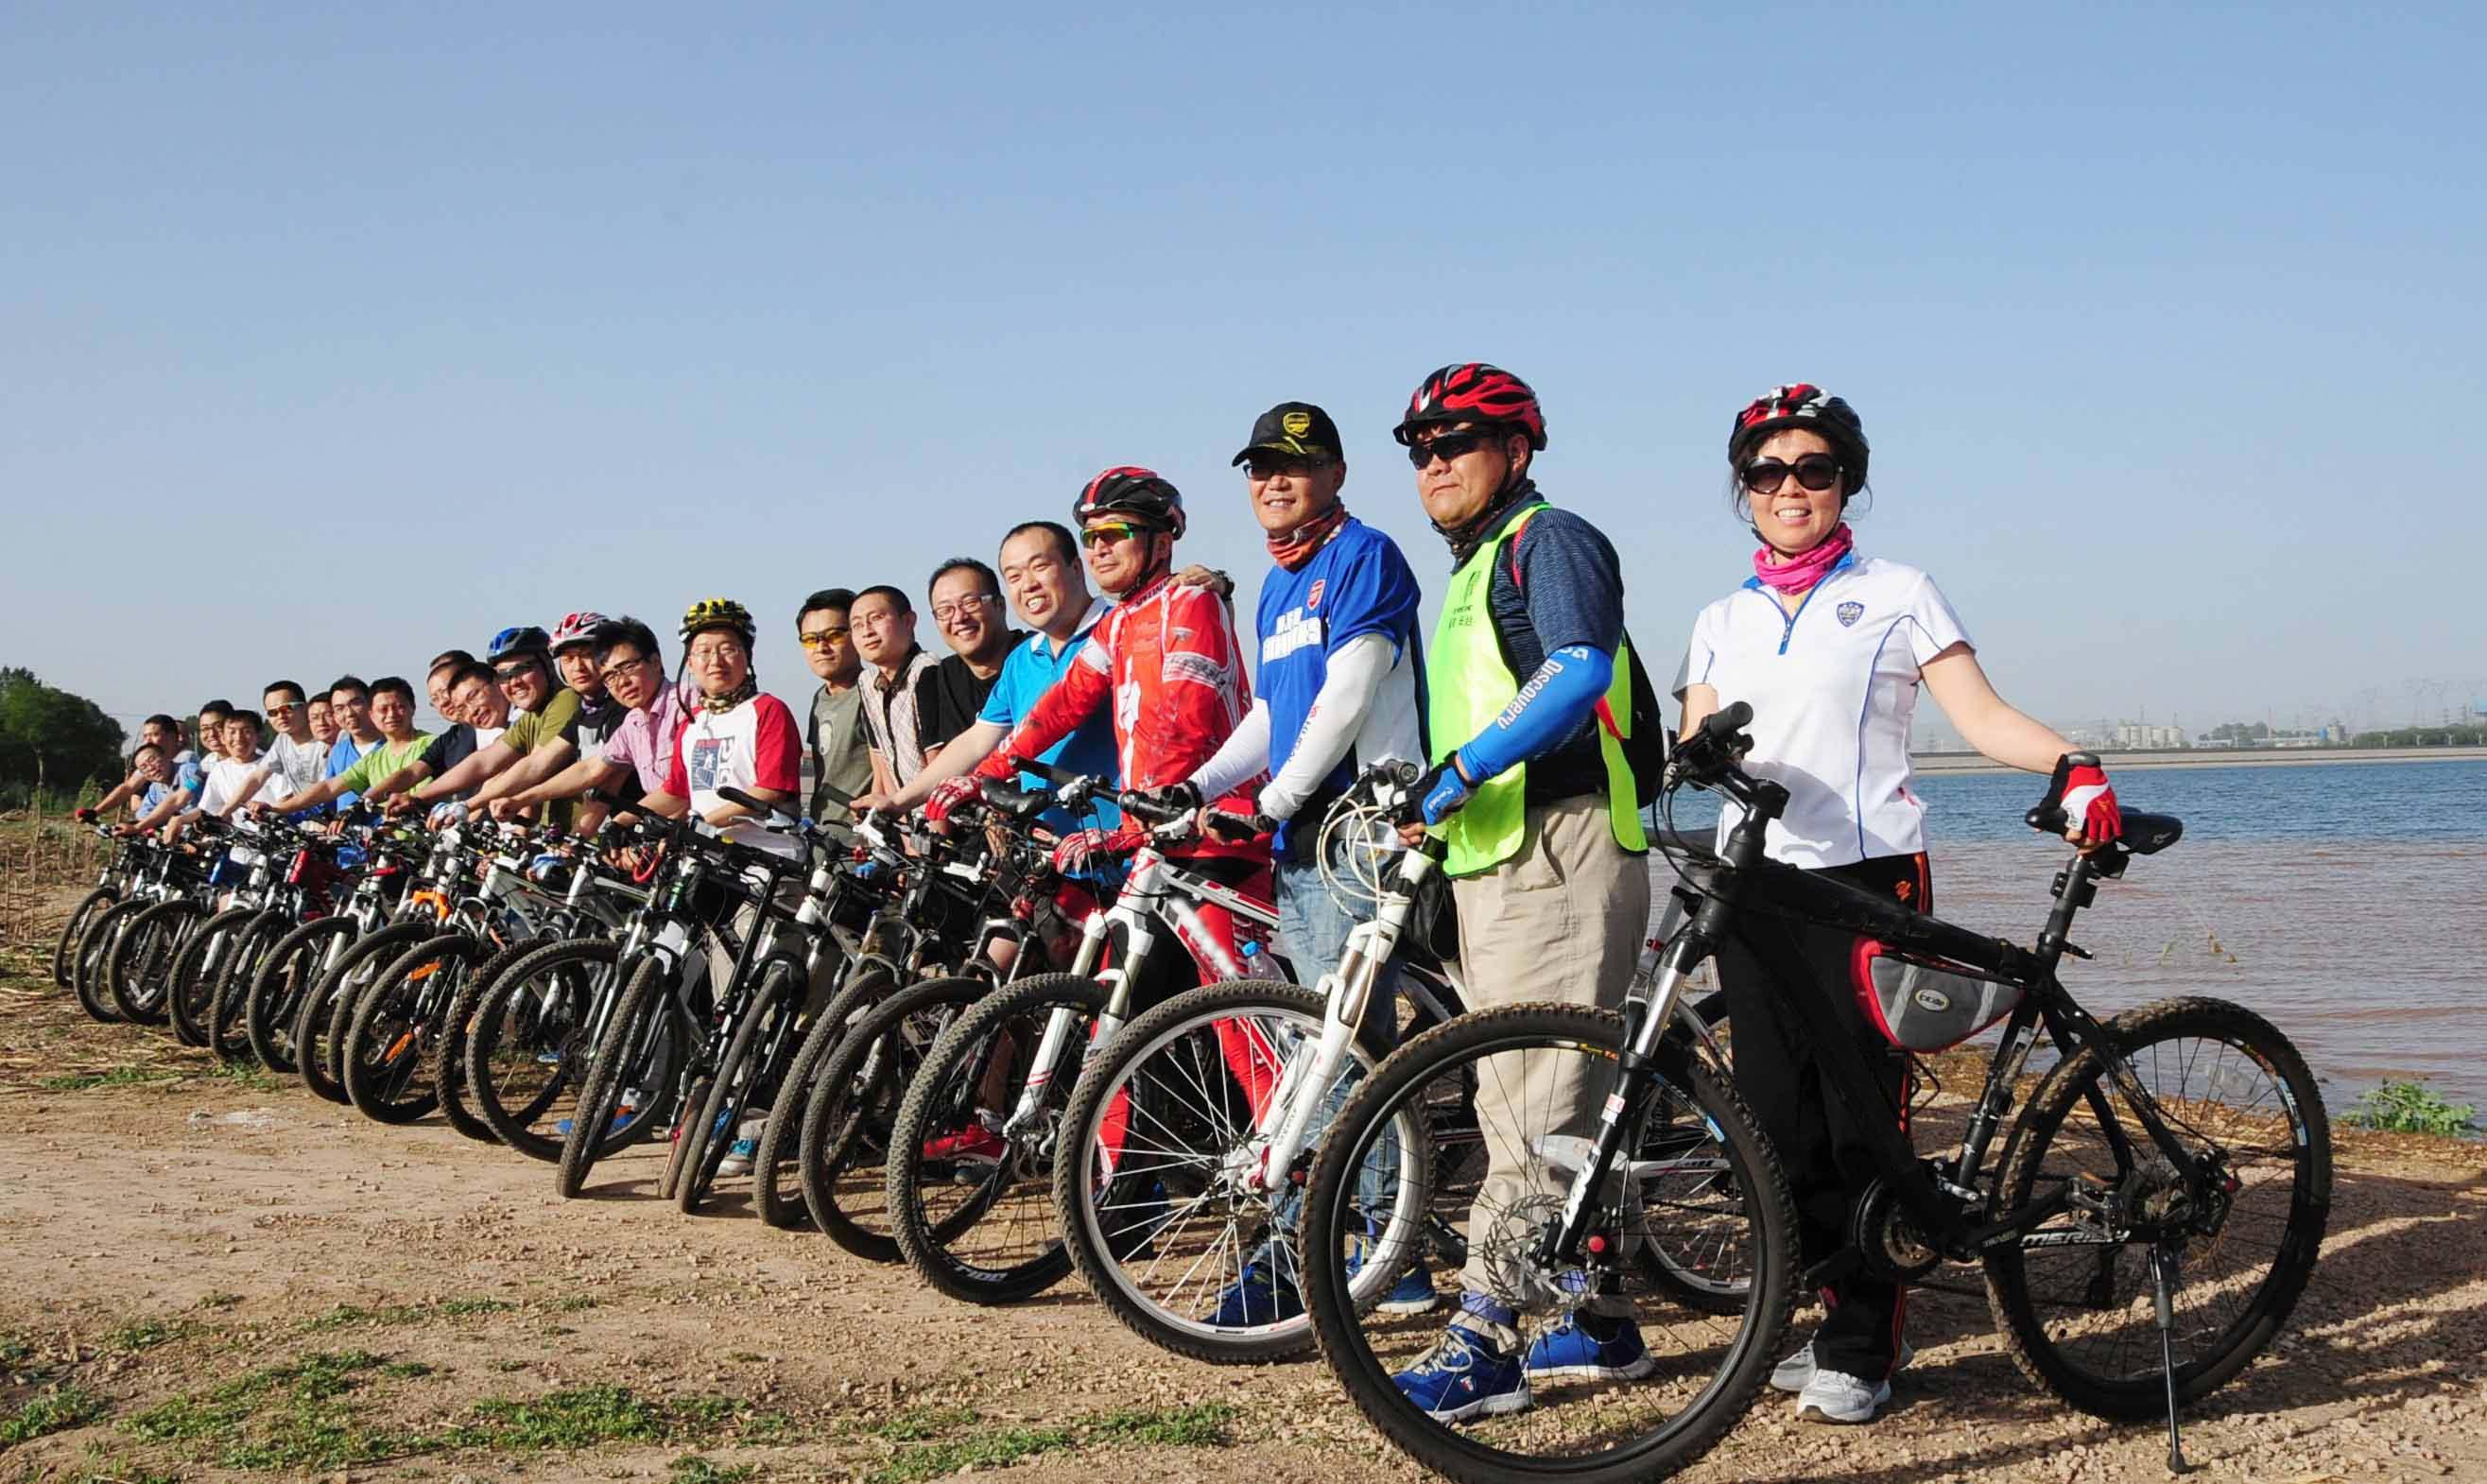 进口中国最好的山地车品牌MARMOT土拨鼠论单车行业蓝海